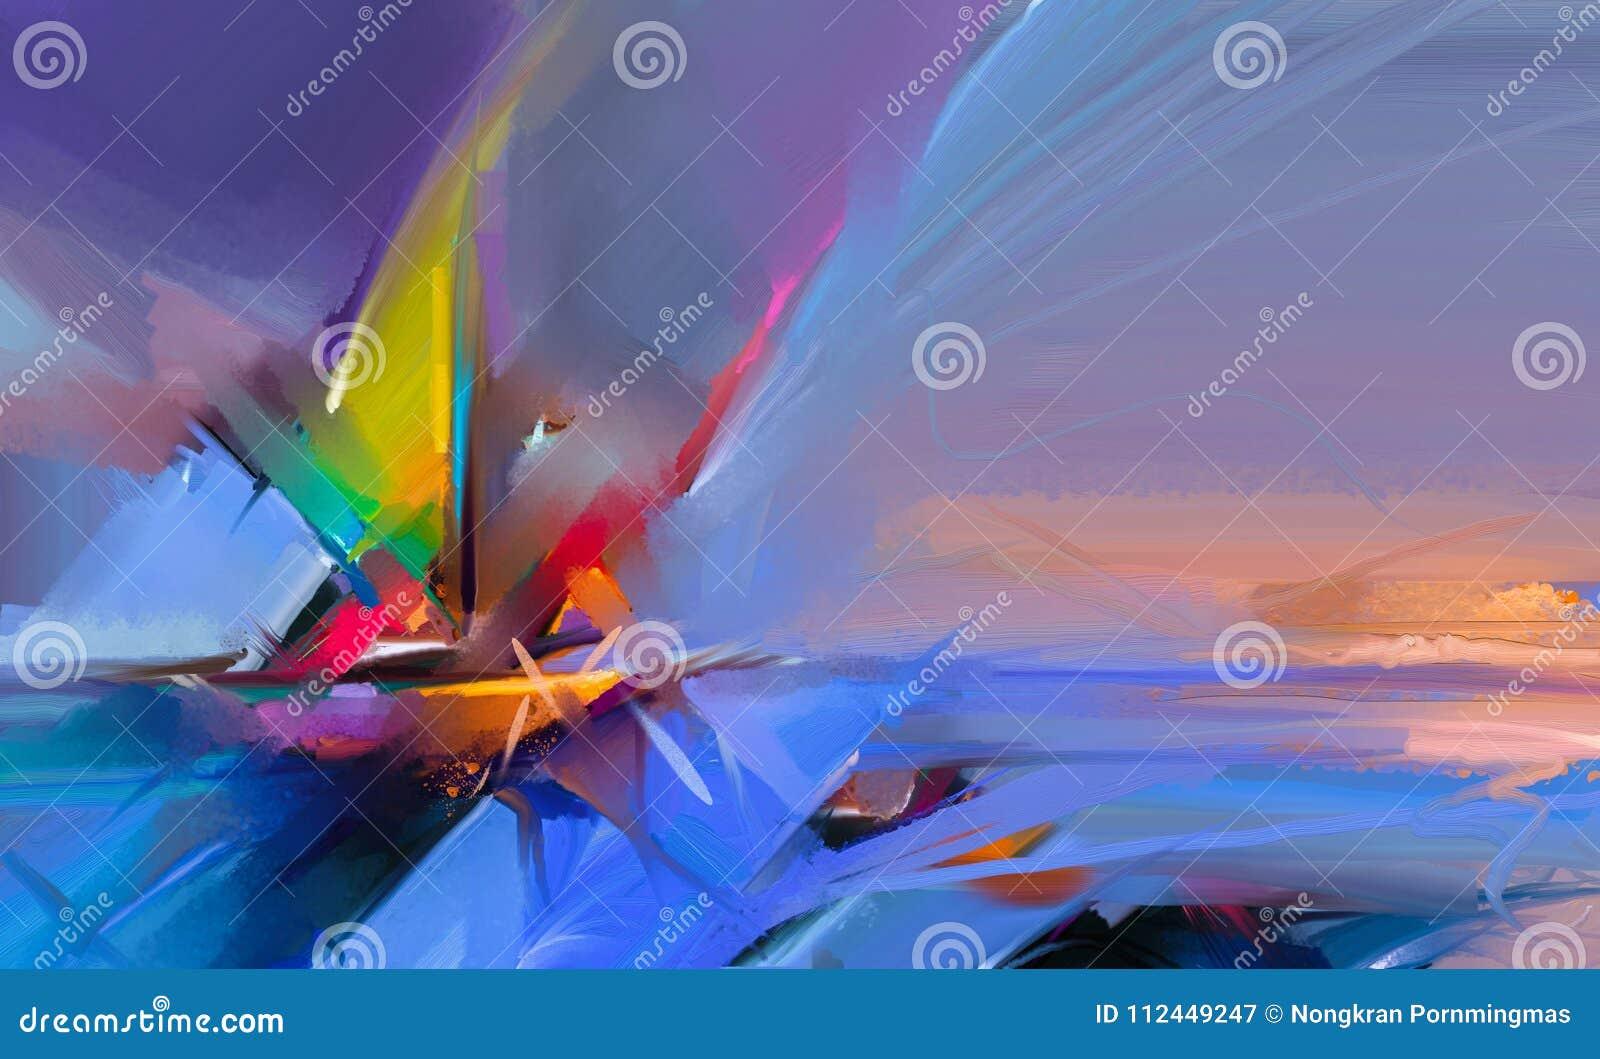 Kolorowy obraz olejny na brezentowej teksturze Semi- abstrakcjonistyczny wizerunek seascape obrazy z światła słonecznego tłem